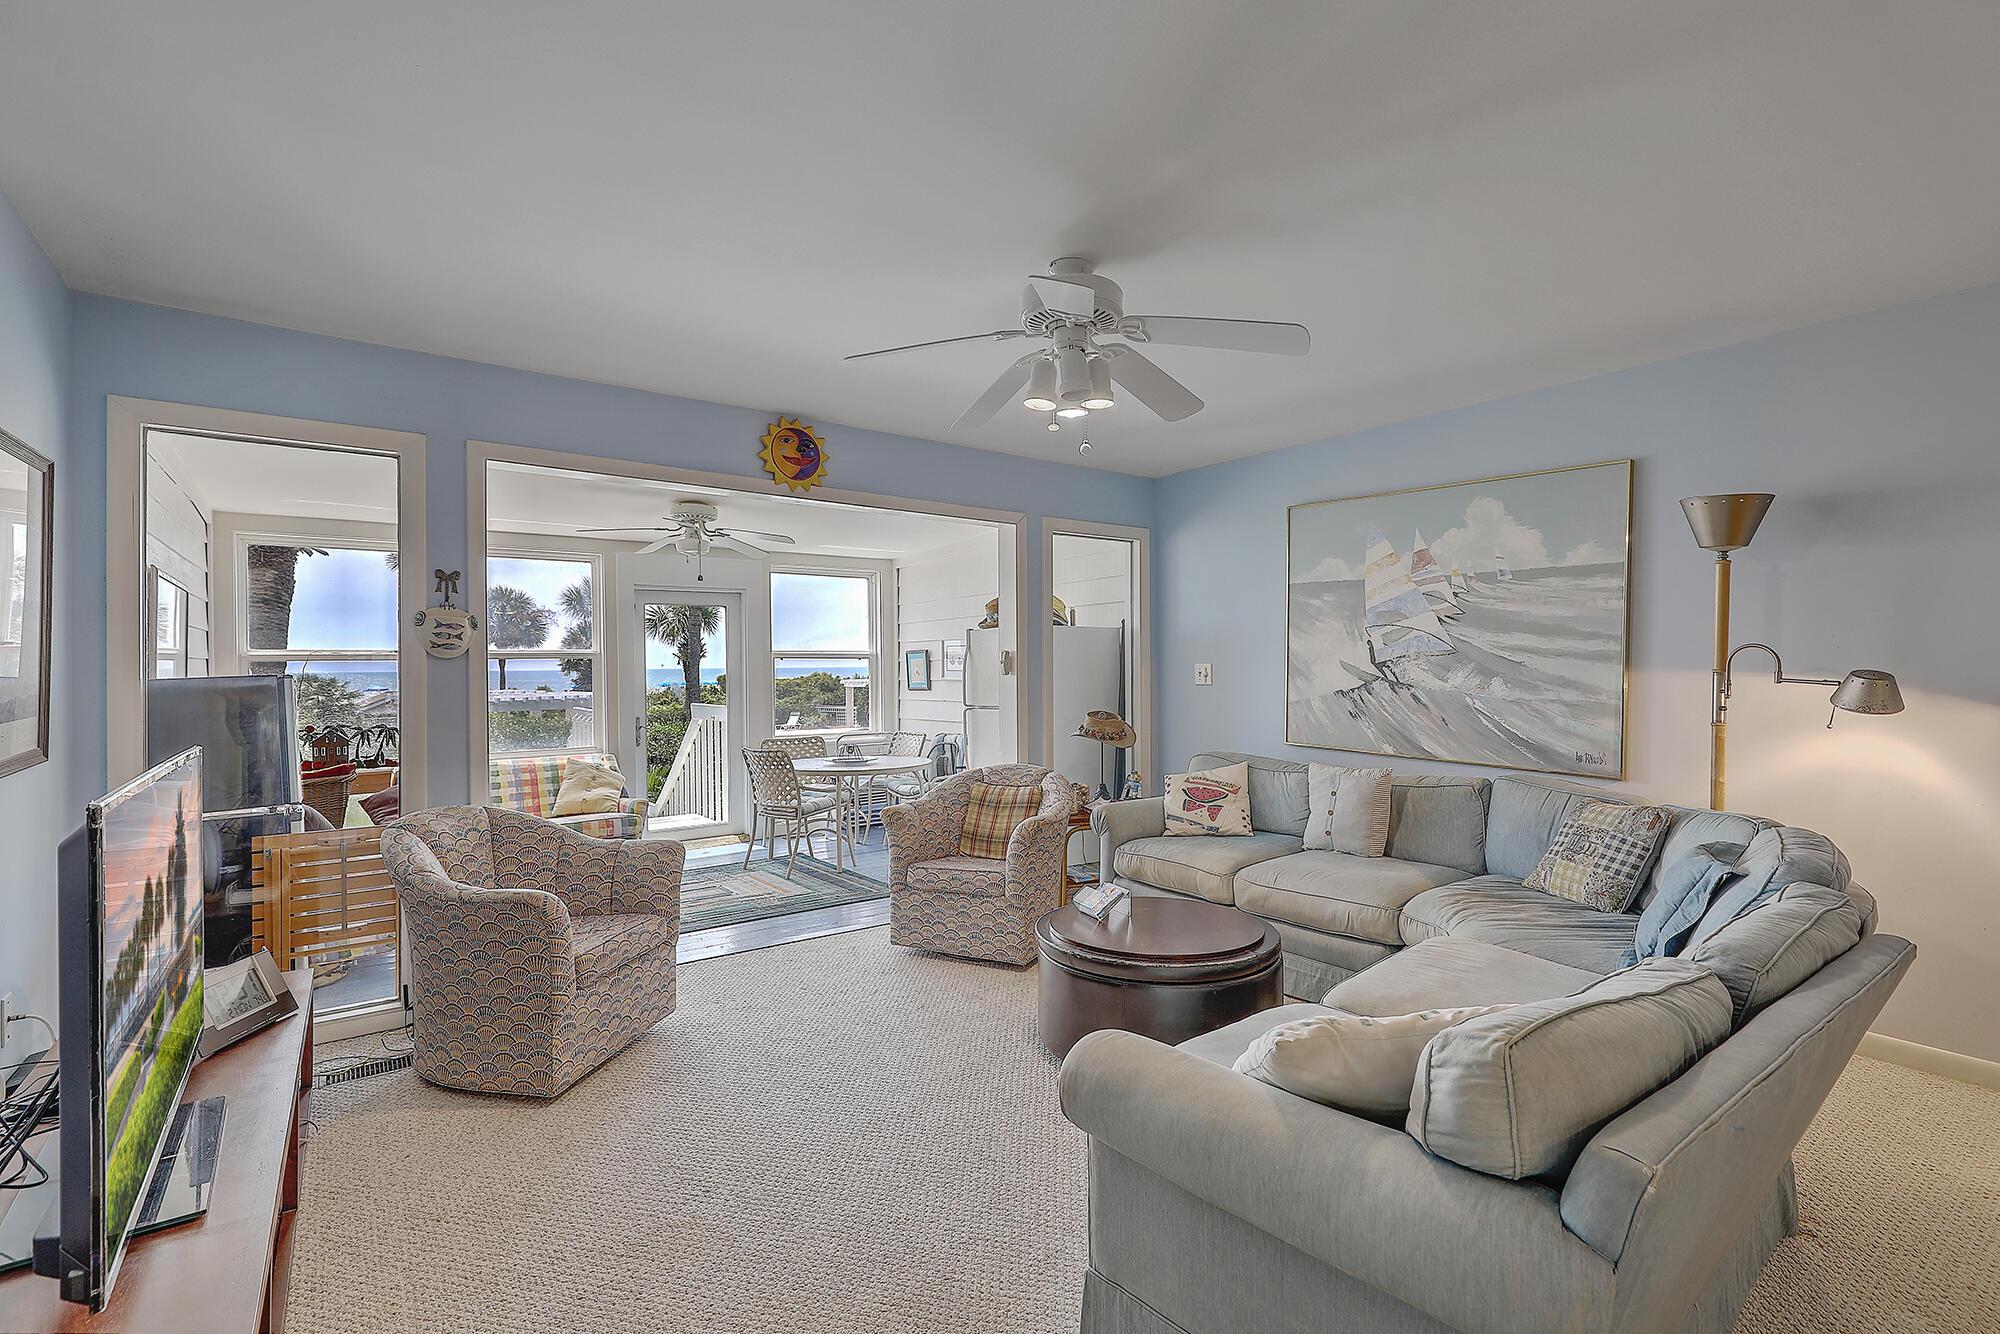 Beach Club Villas Homes For Sale - 15 Beach Club Villas, Isle of Palms, SC - 24